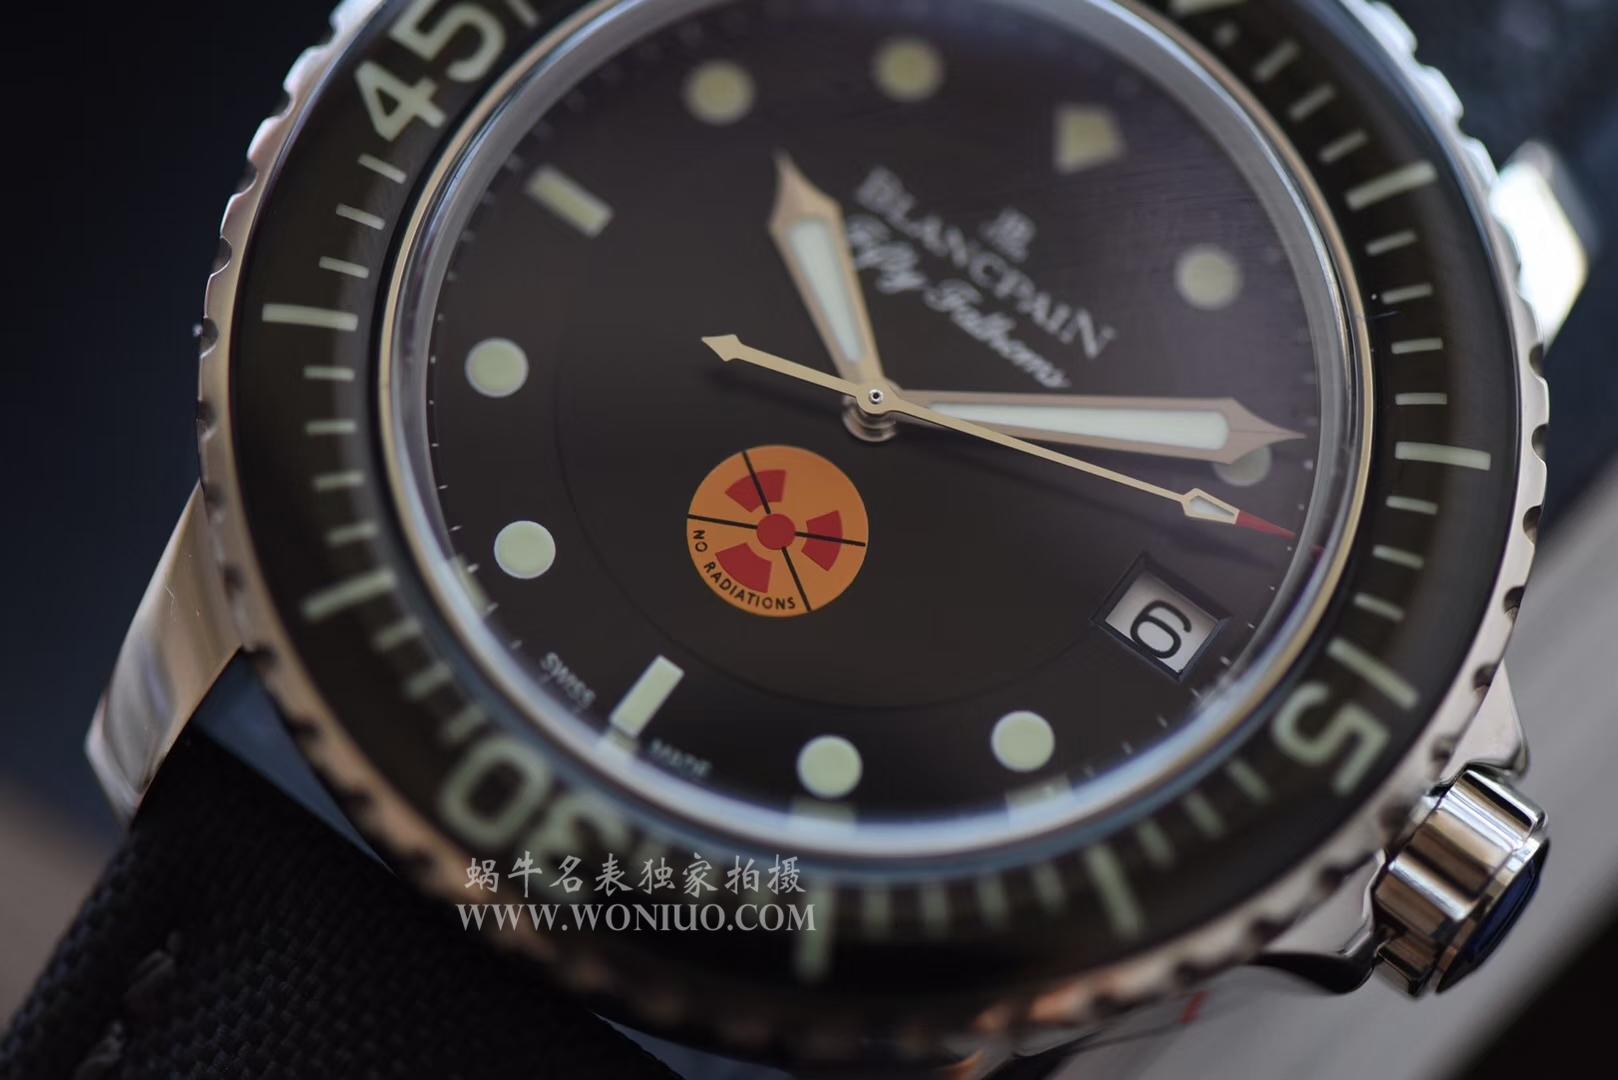 【ZF一比一超A高仿手表】宝珀五十噚系列5015B-1130-52生化危机版本腕表 / BP029